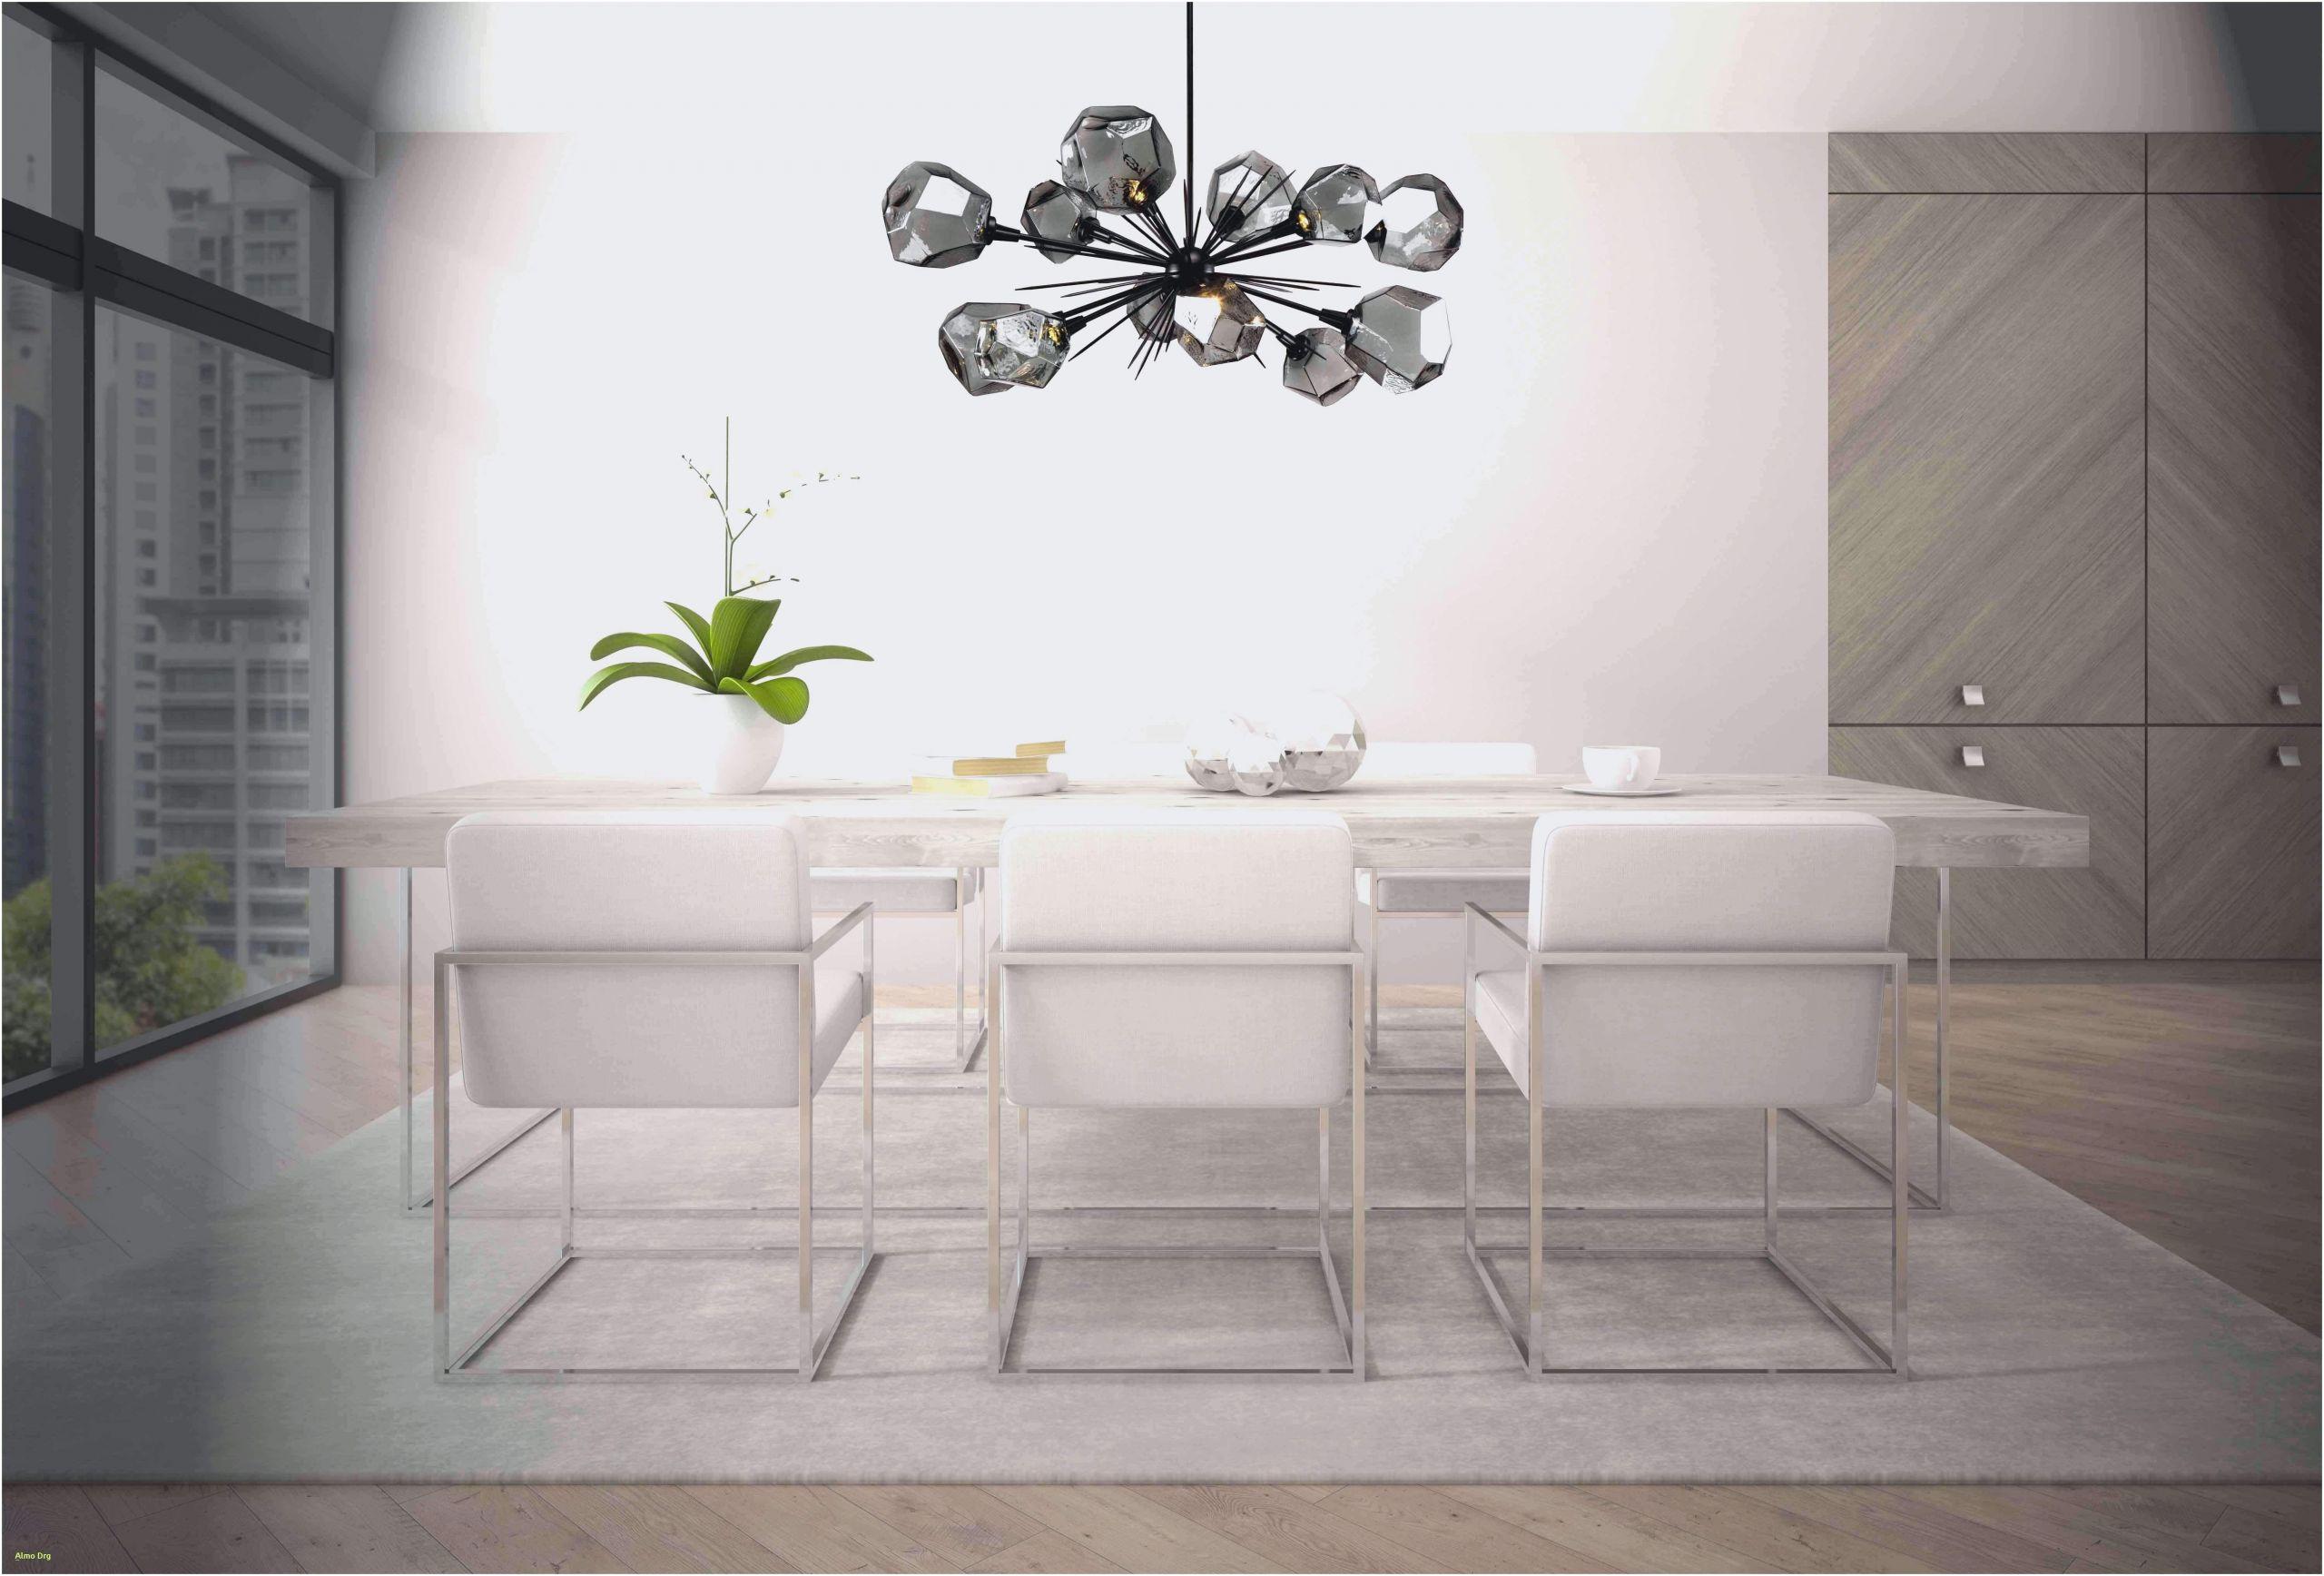 Designer Badezimmer Lampe Wohnzimmer Design Ideen Luxus Luxe Led Lampe Badezimmer